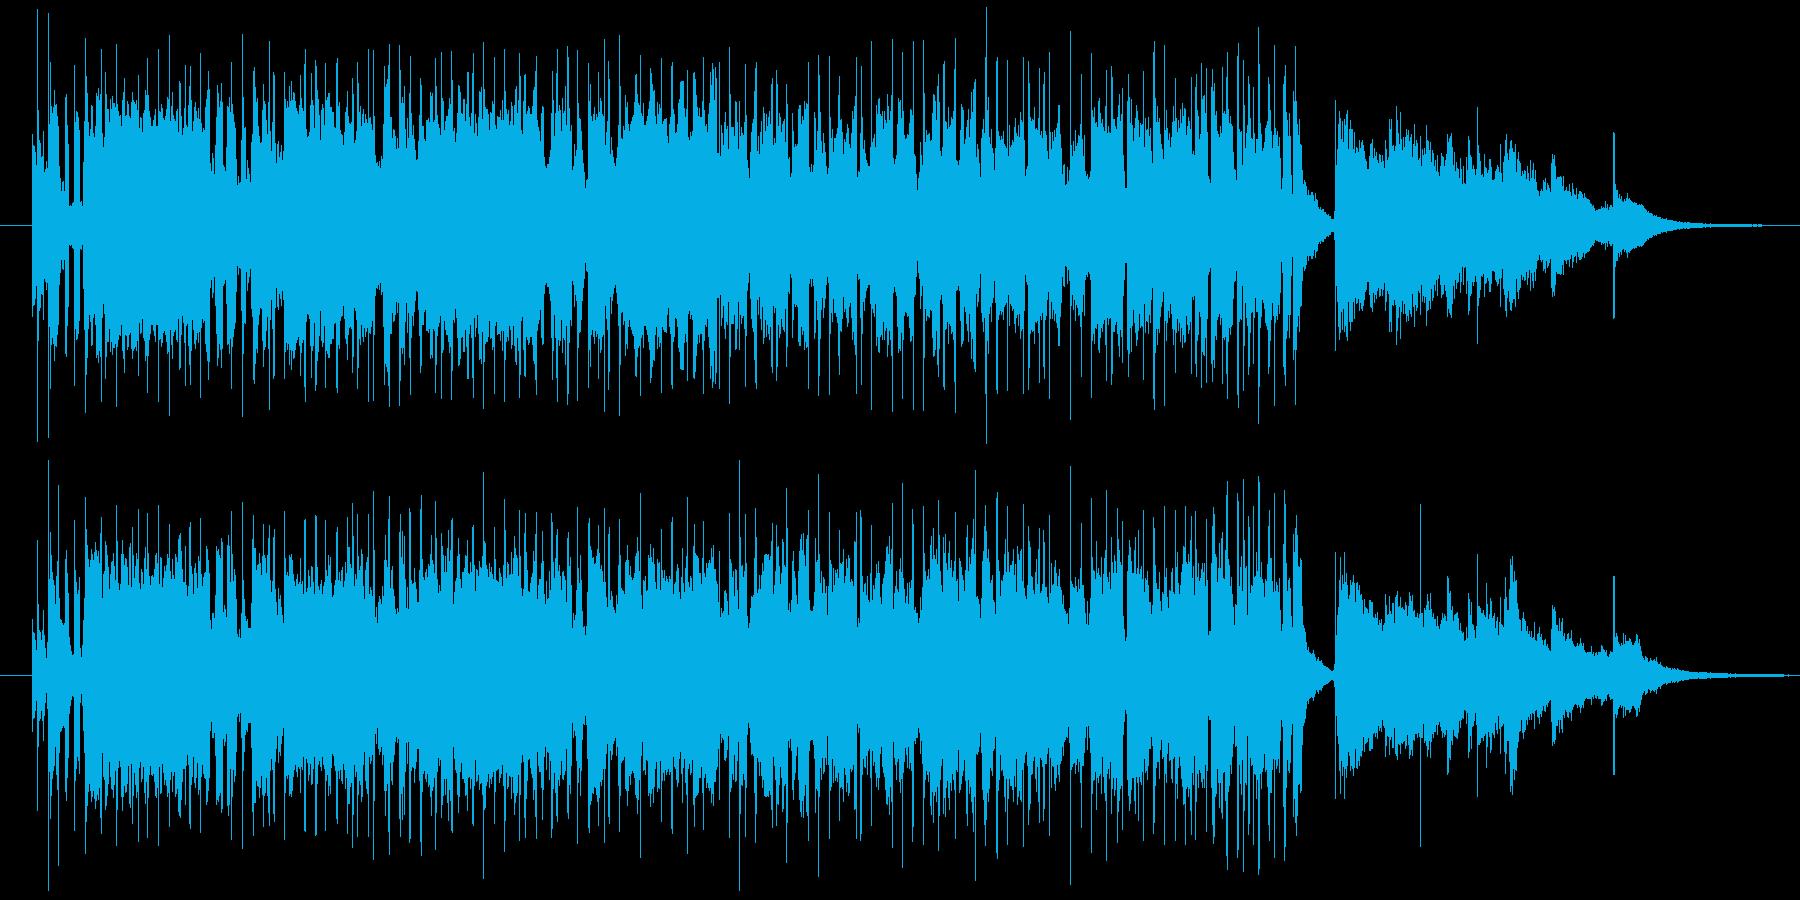 管楽器が印象的な明るい曲ですの再生済みの波形